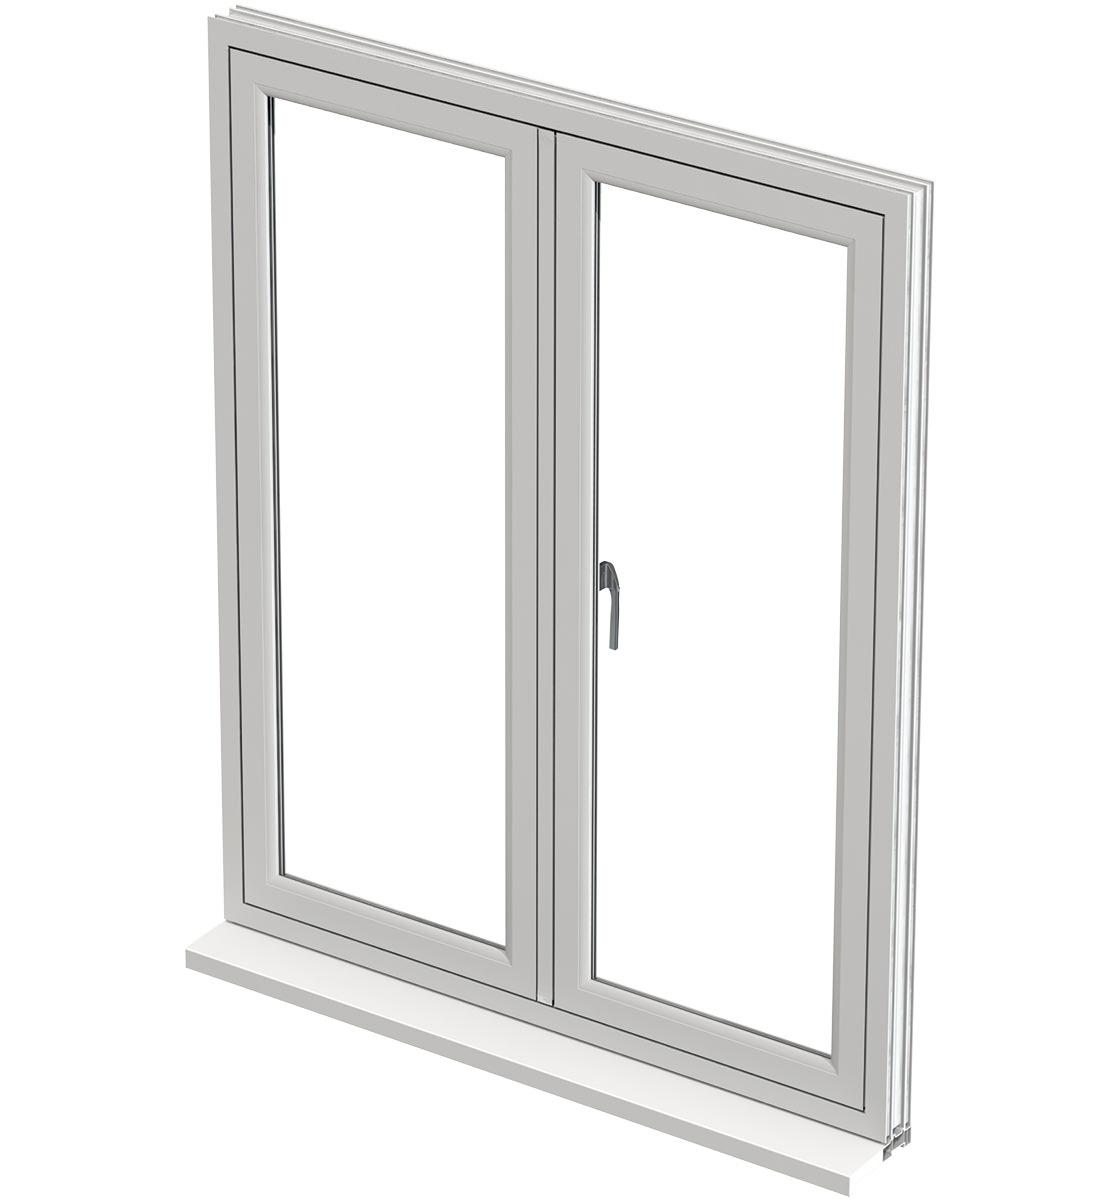 flush sahs windows